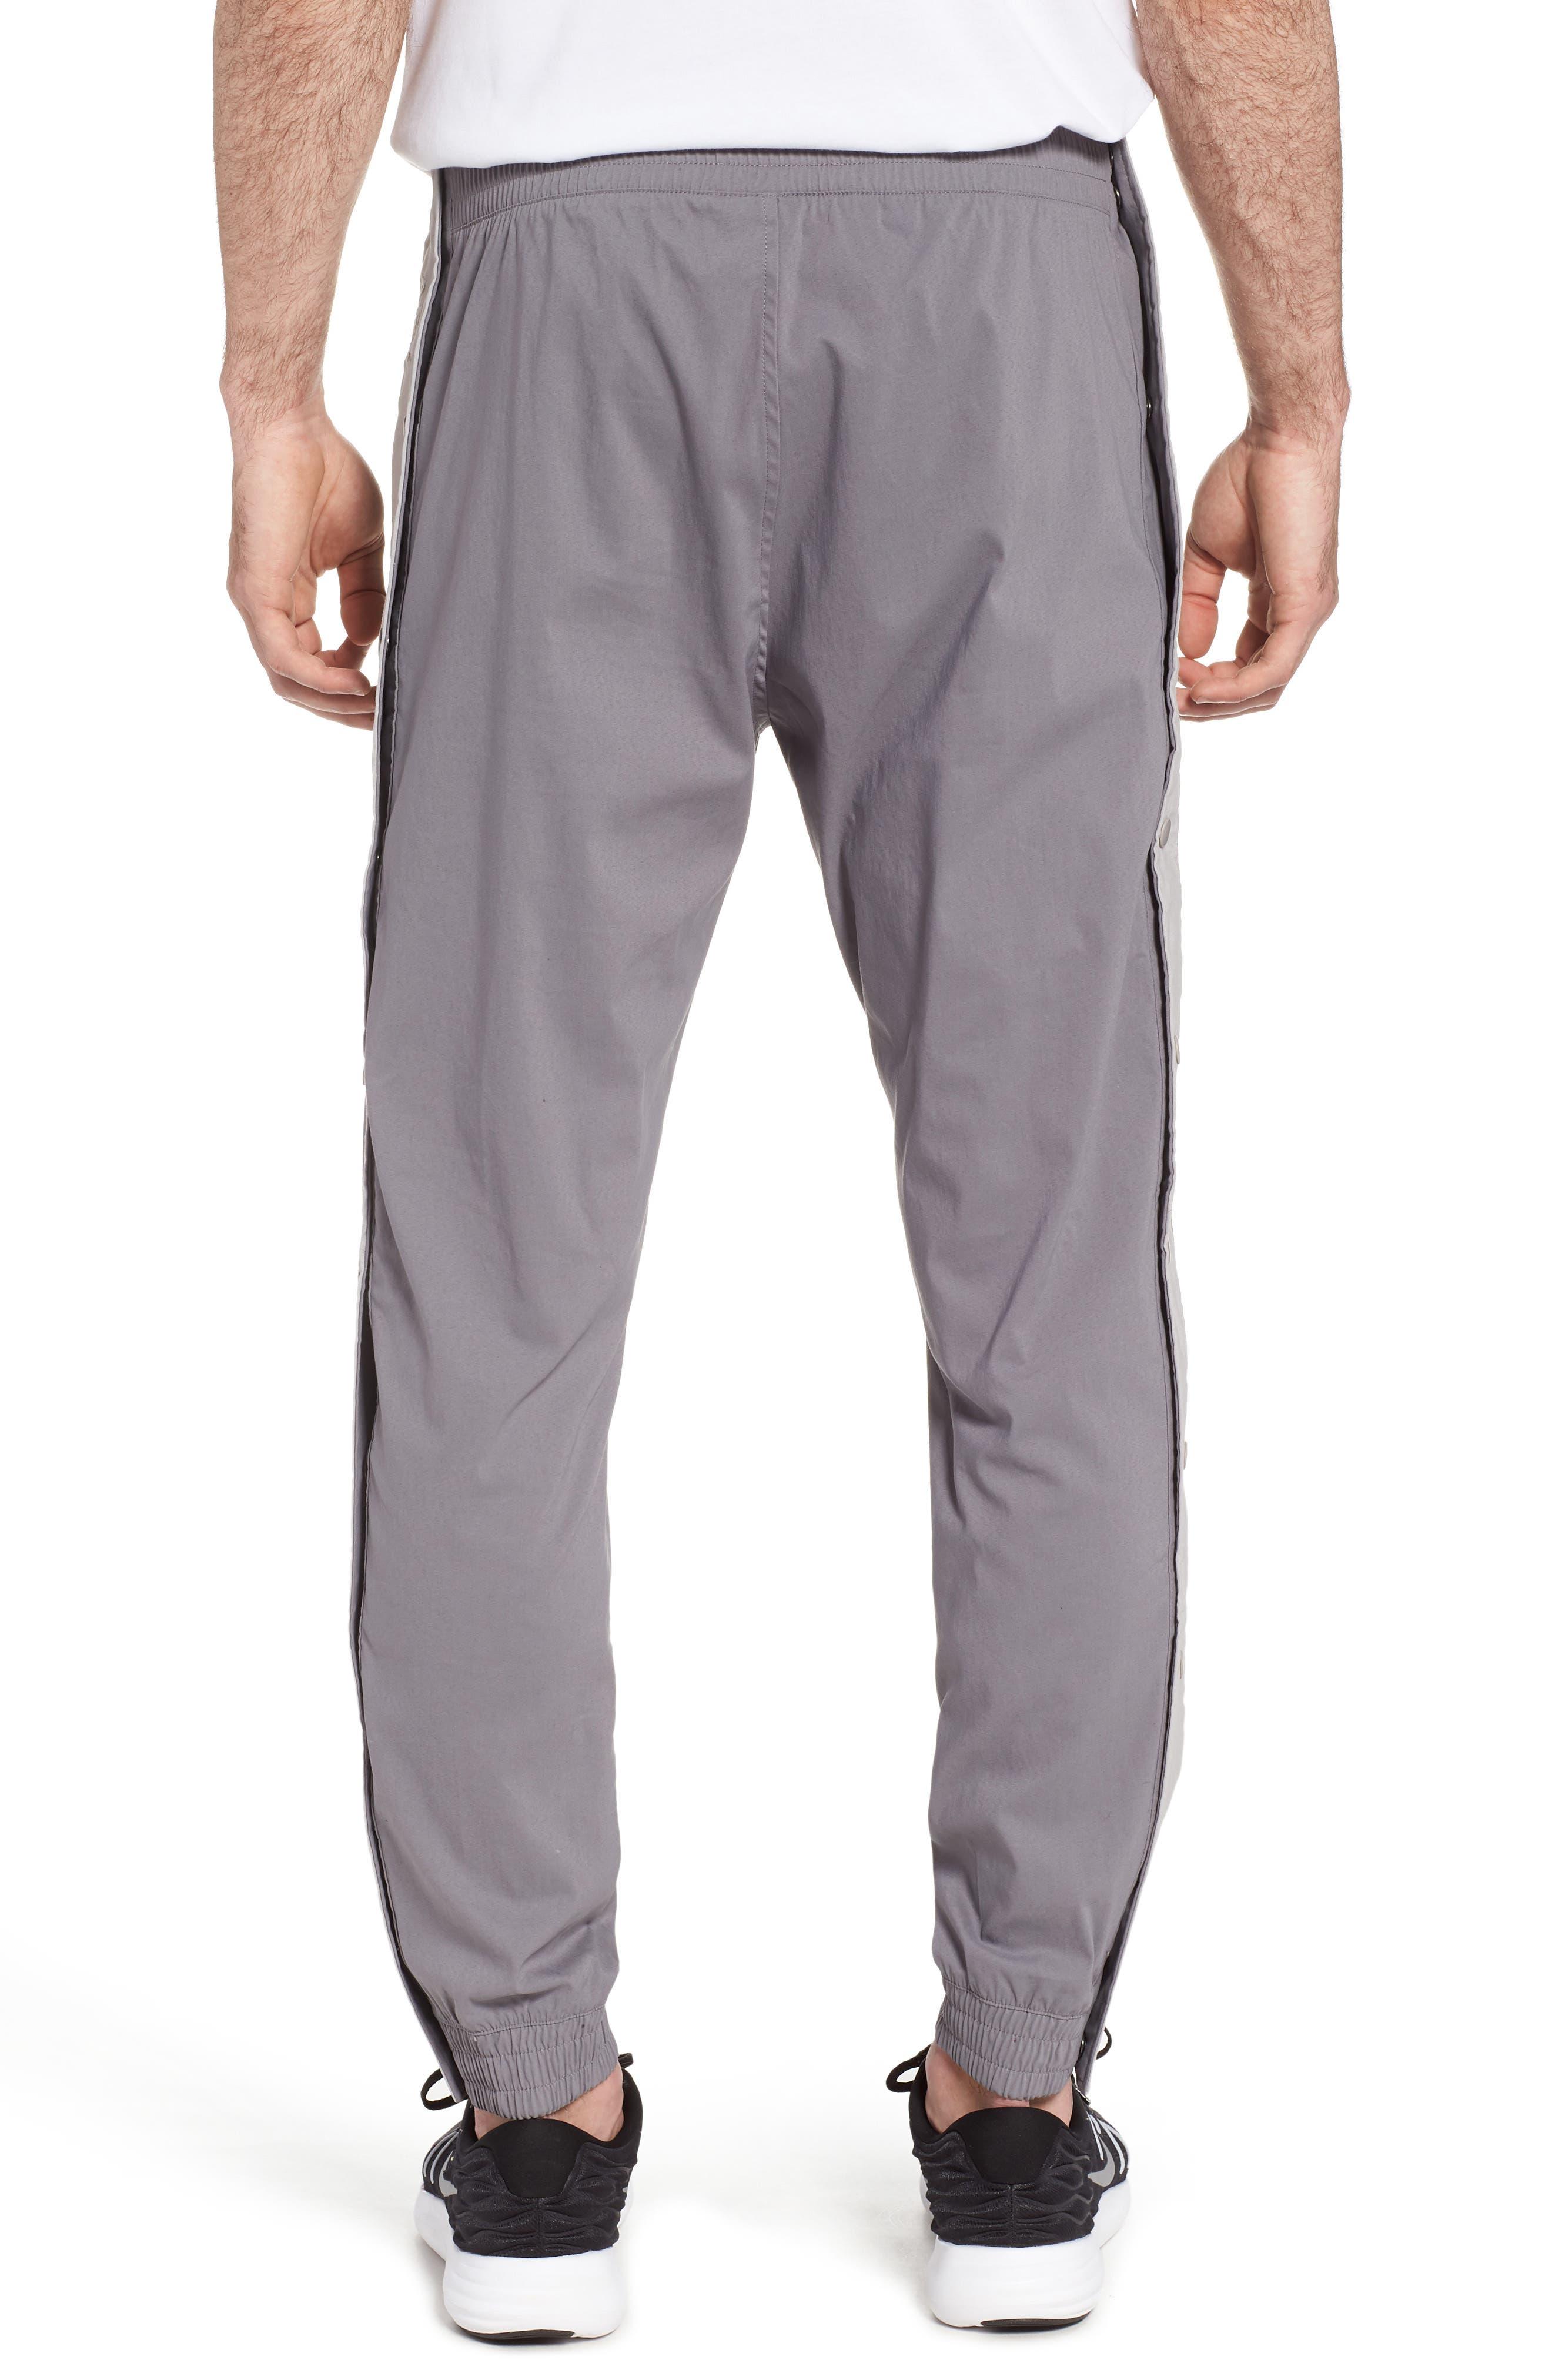 NSW Air Force 1 Lounge Pants,                             Alternate thumbnail 2, color,                             GUNSMOKE/ GREY/ OREWOOD